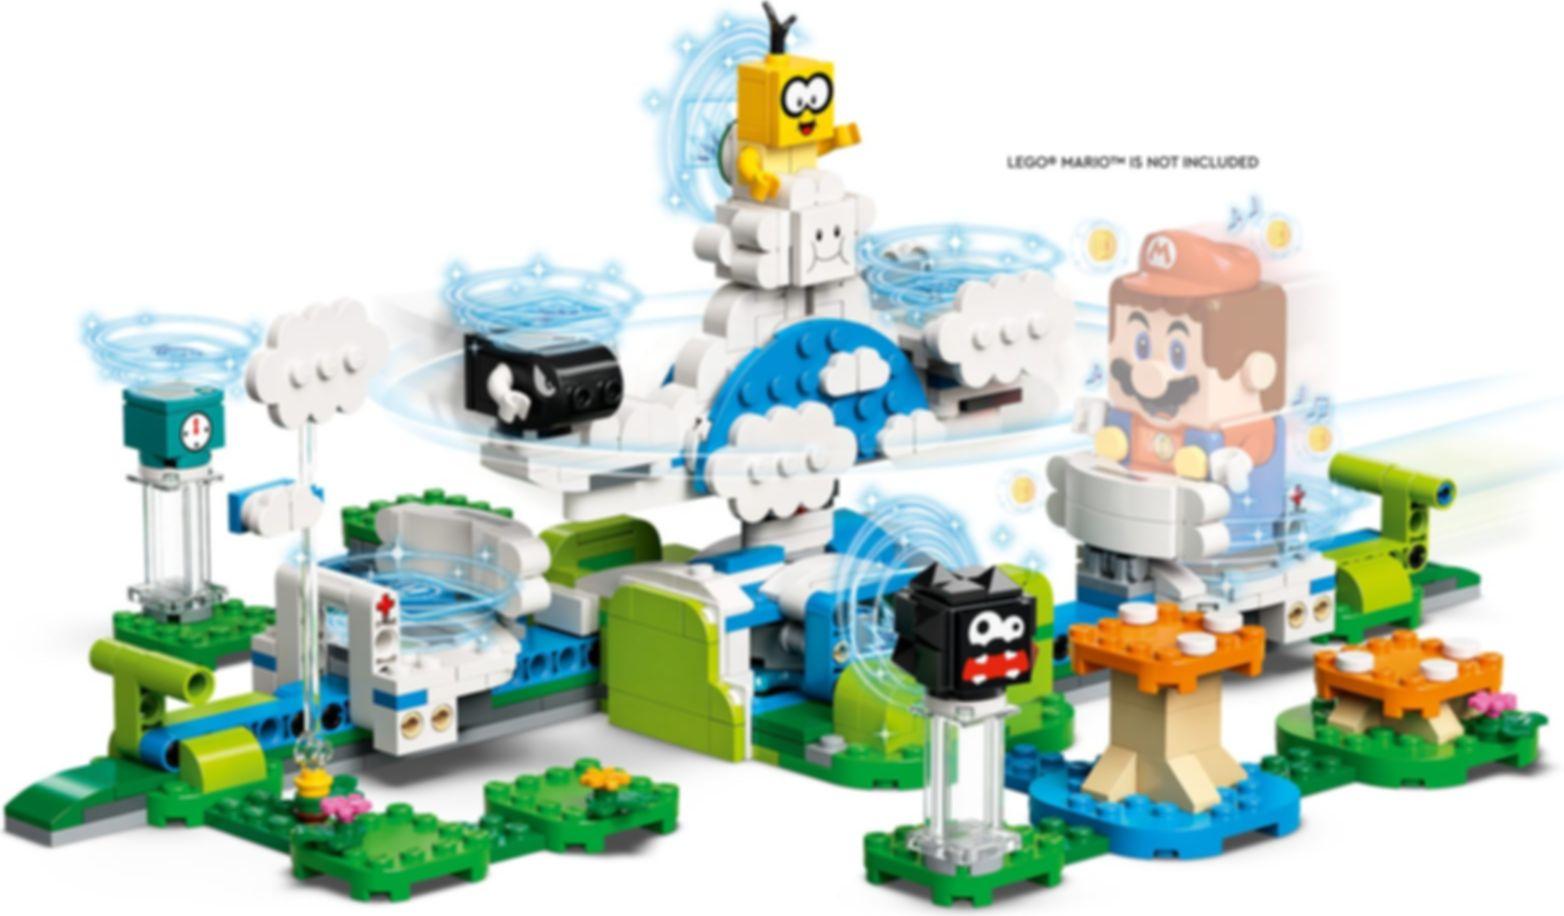 LEGO® Super Mario™ Lakitu Sky World Expansion Set gameplay